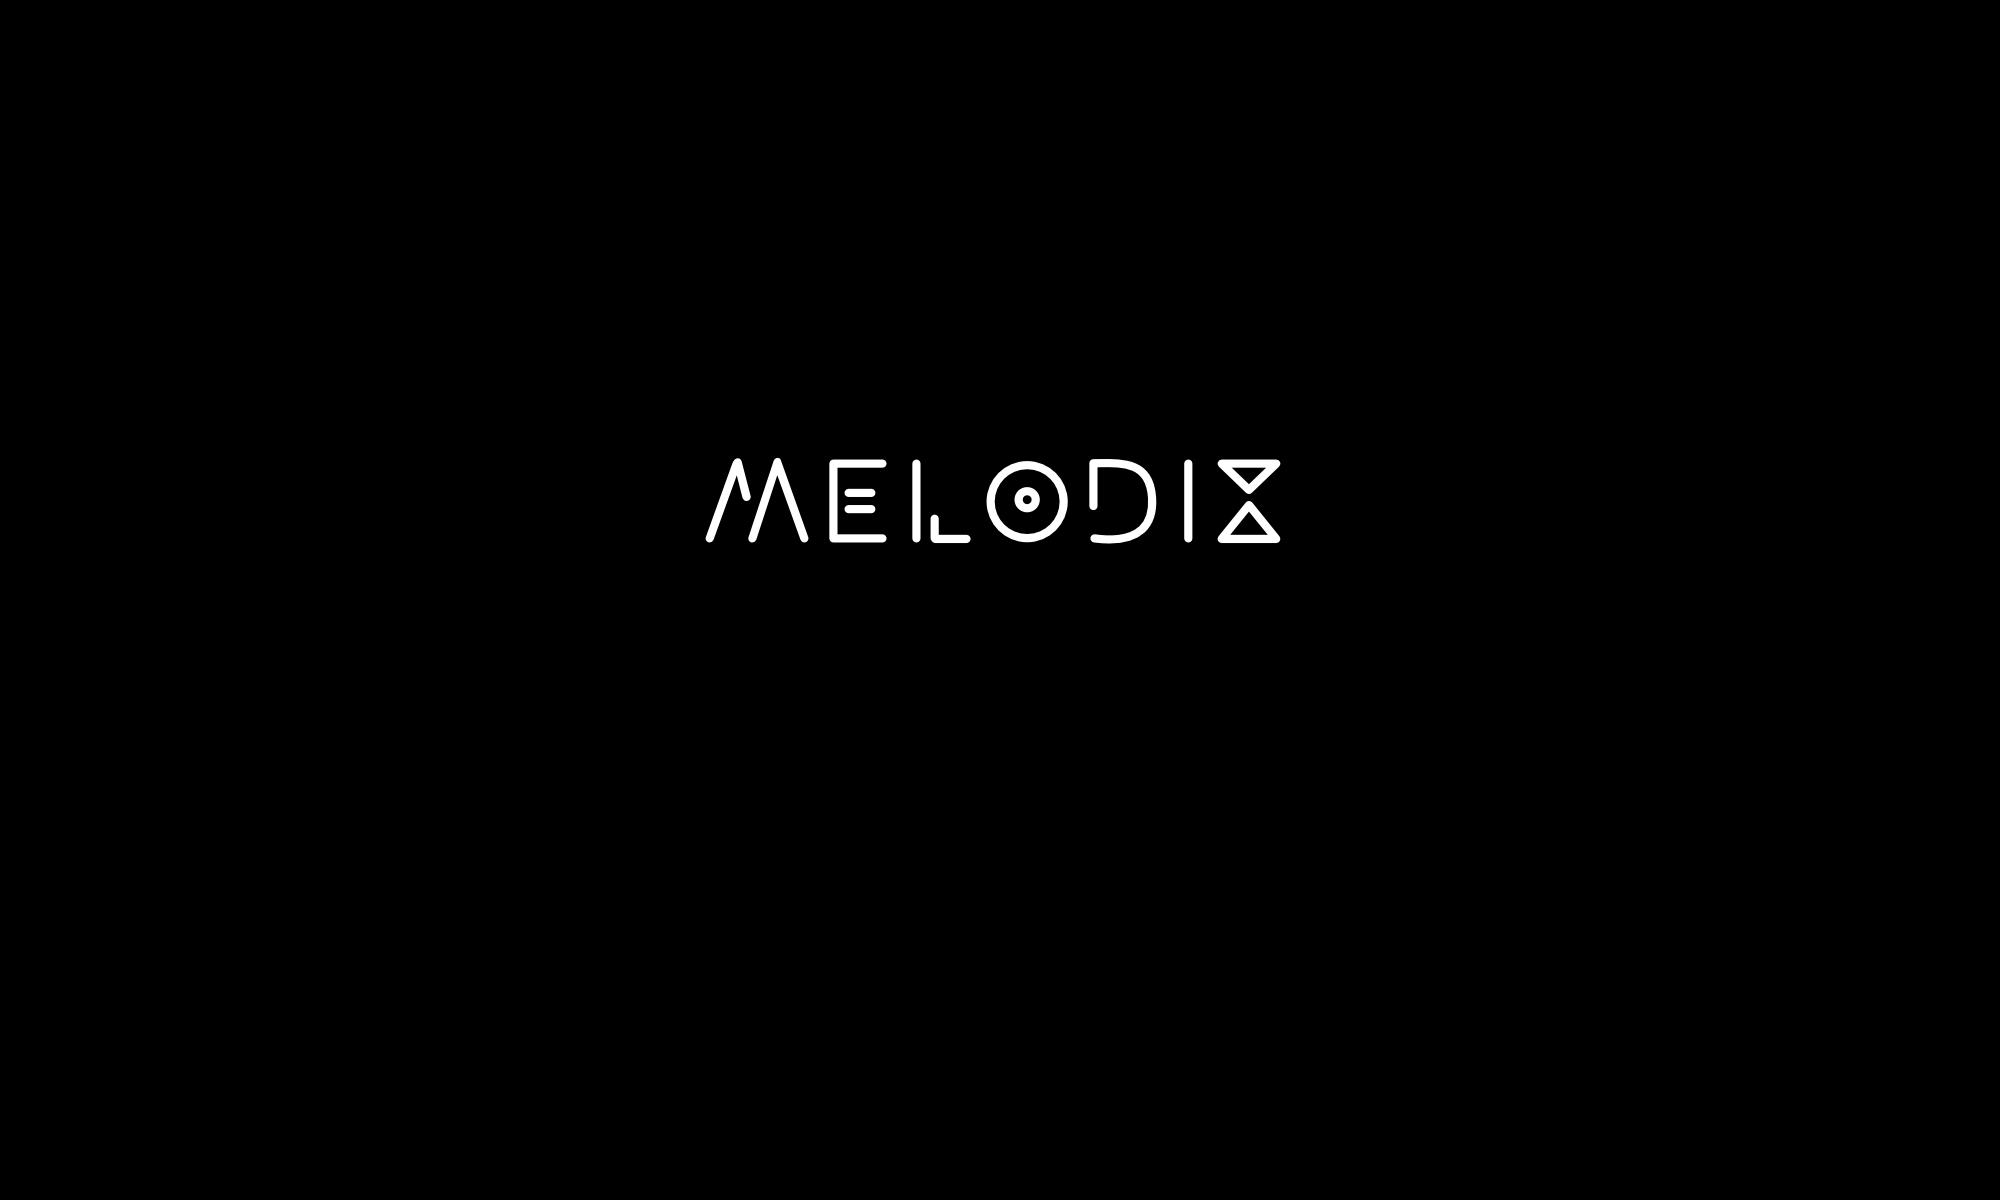 melodix.com